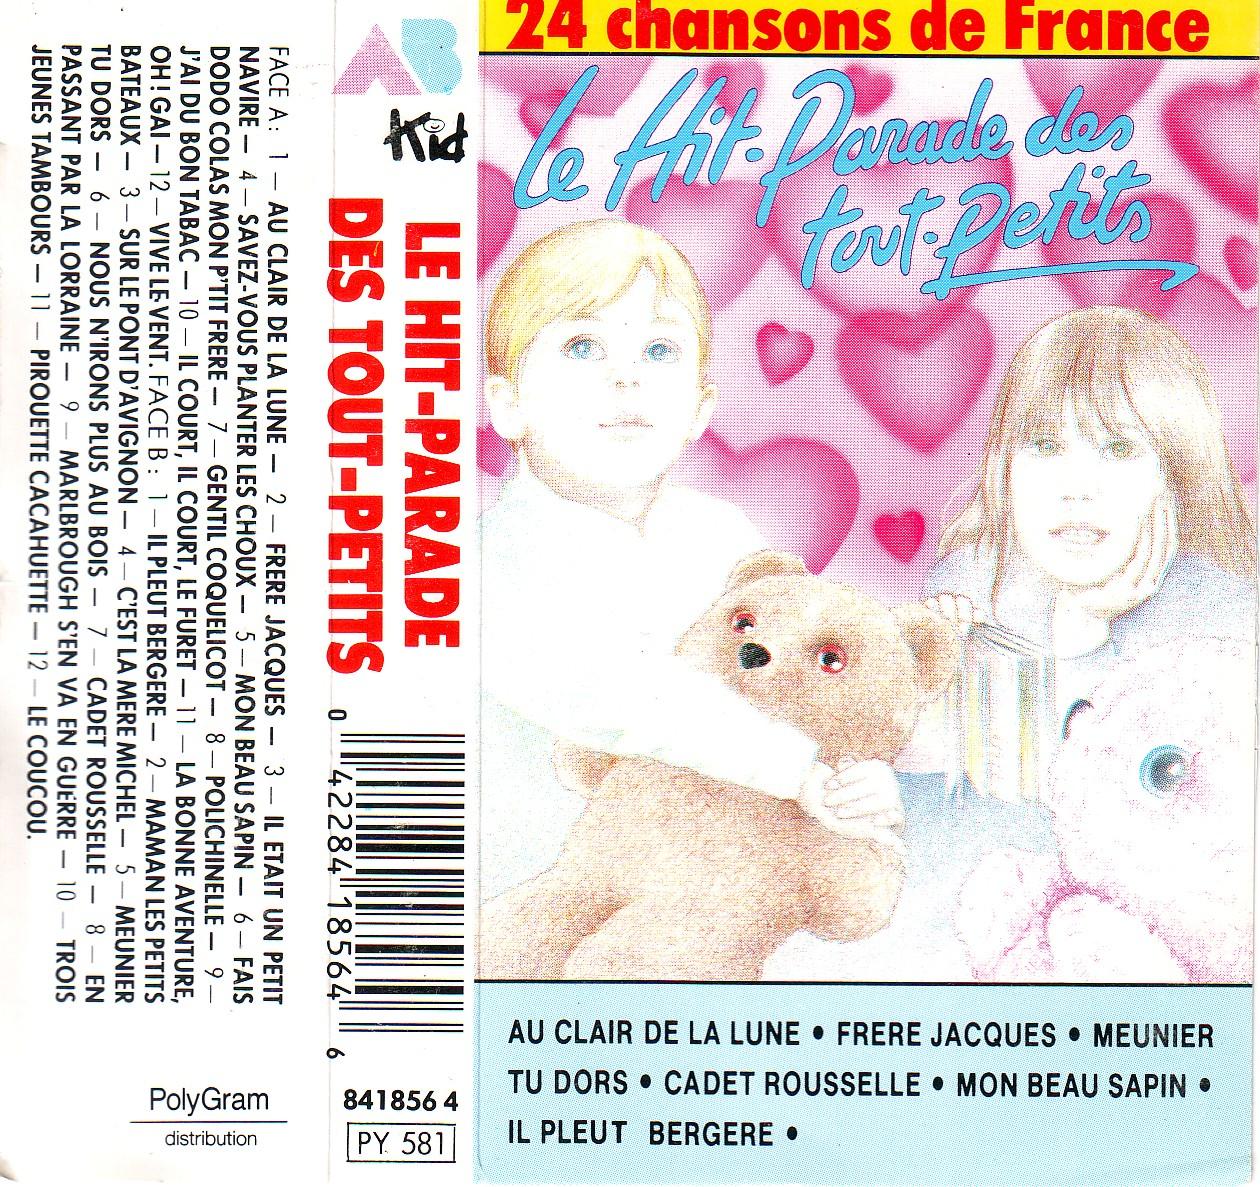 Dorothée et AB Productions 24chansonsfrance